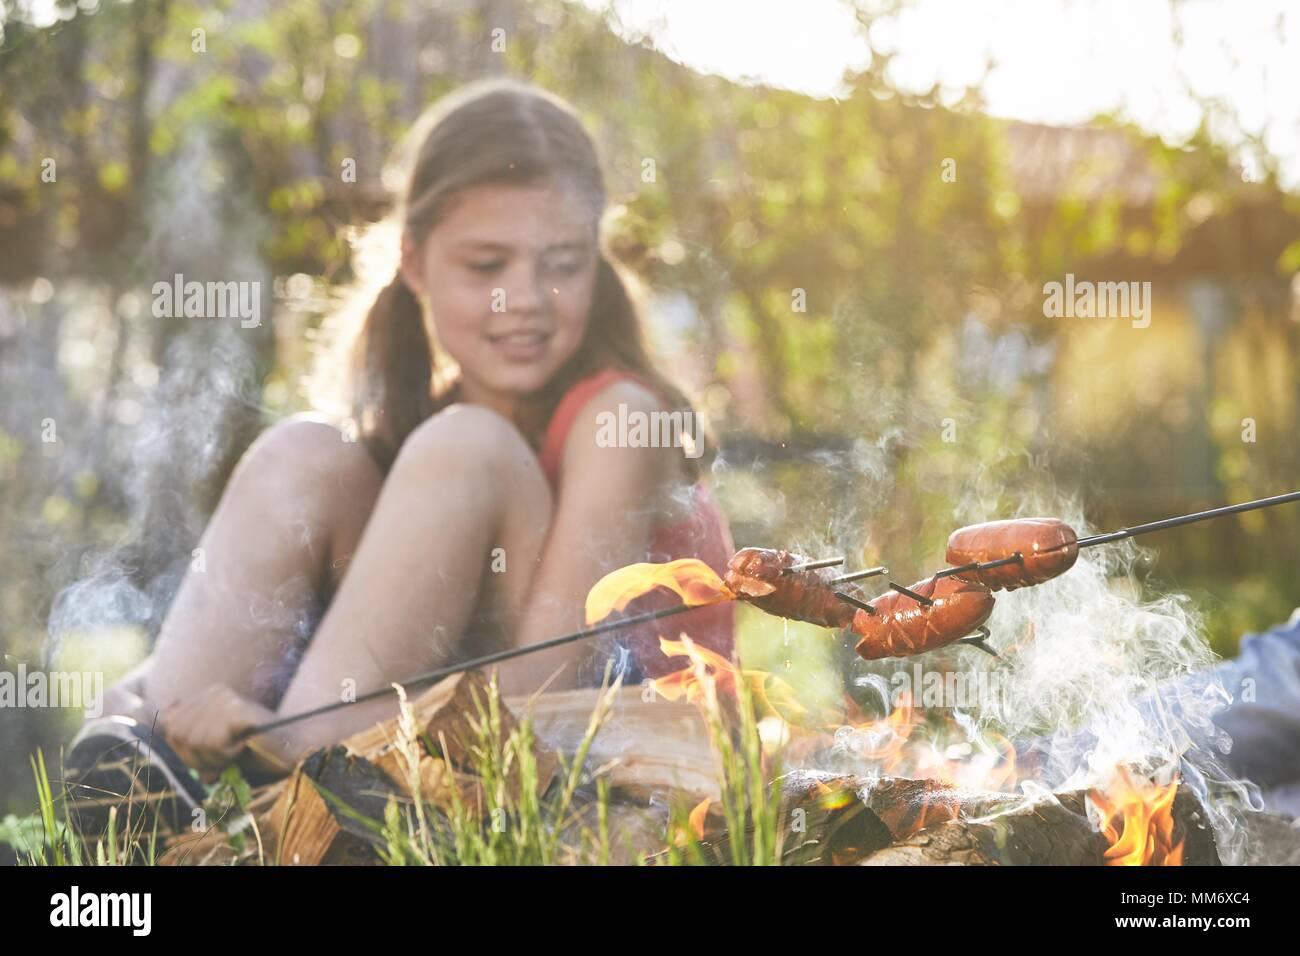 Los niños disfrutan de CAMPFIRE. Chica salchichas tostado en el jardín. Imagen De Stock